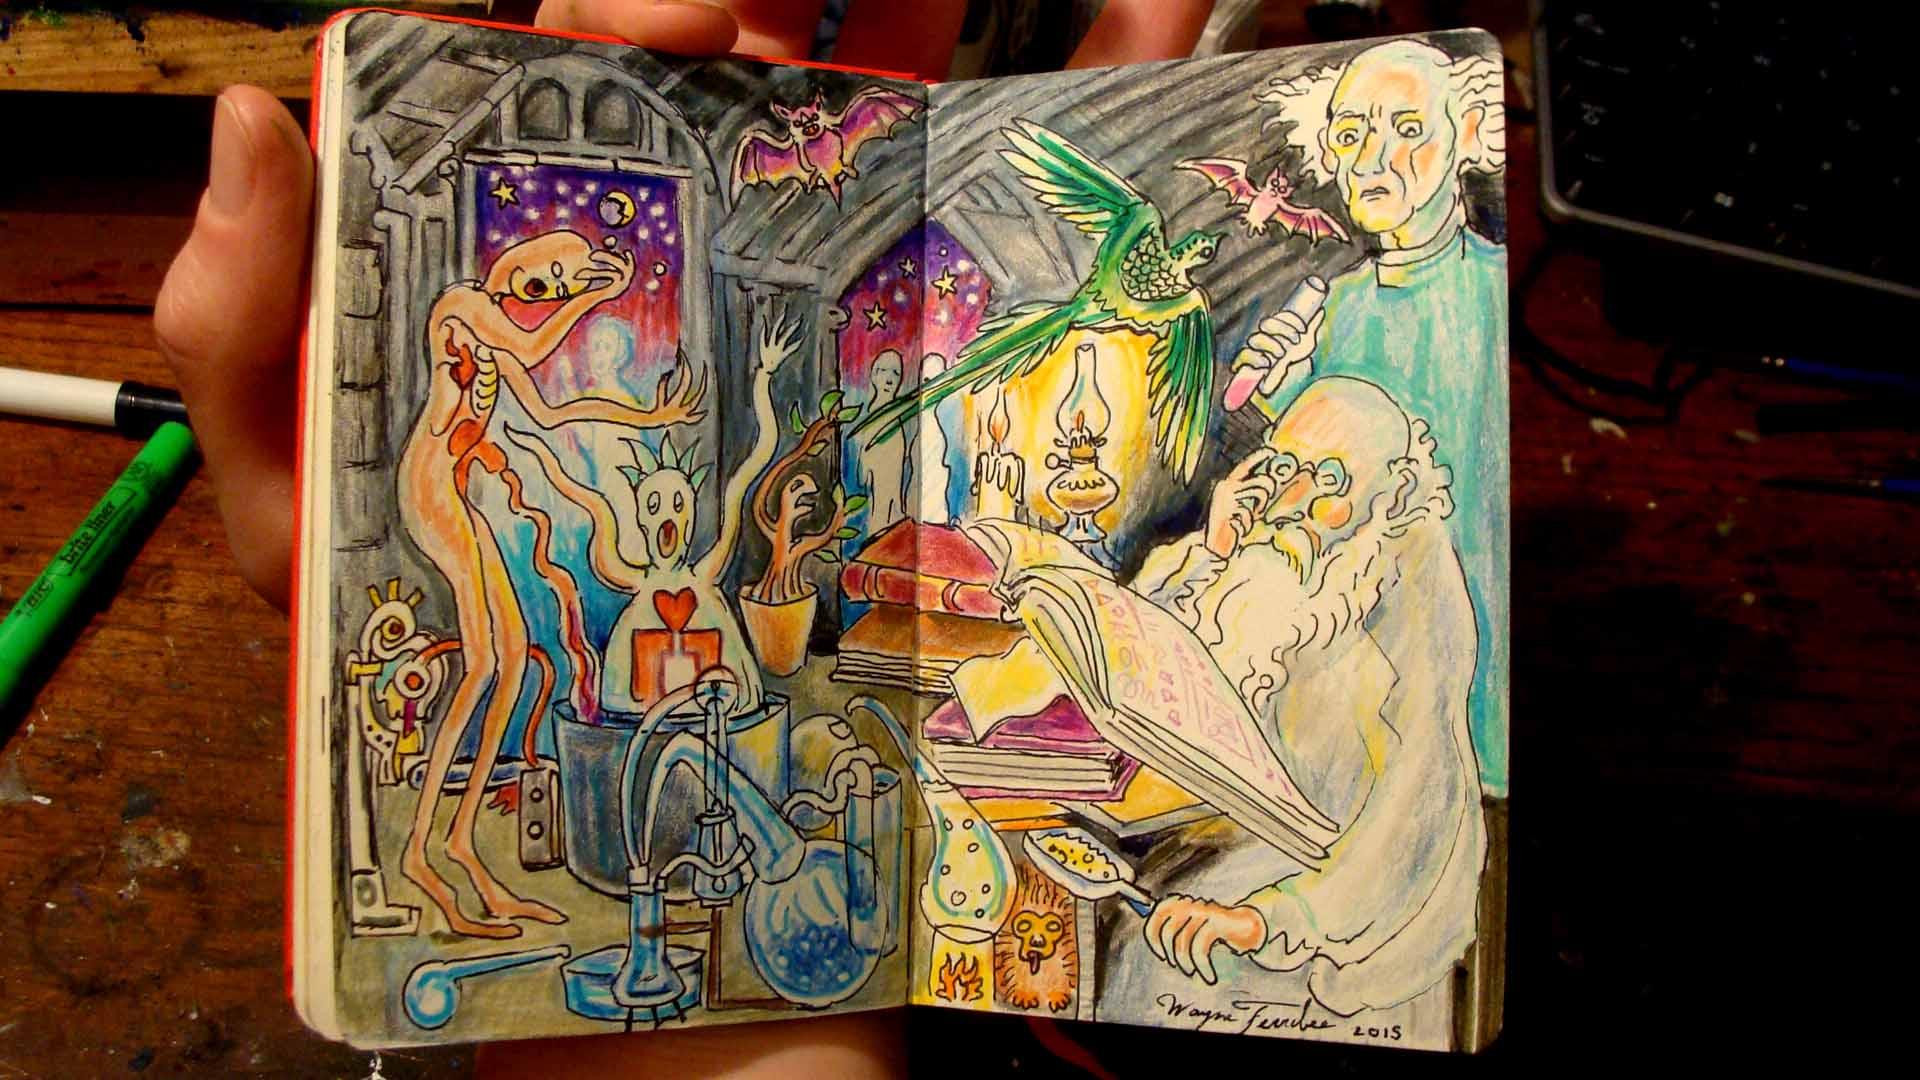 Nightjar (Wayne Ferrebee, 2015, color pencil and ink)